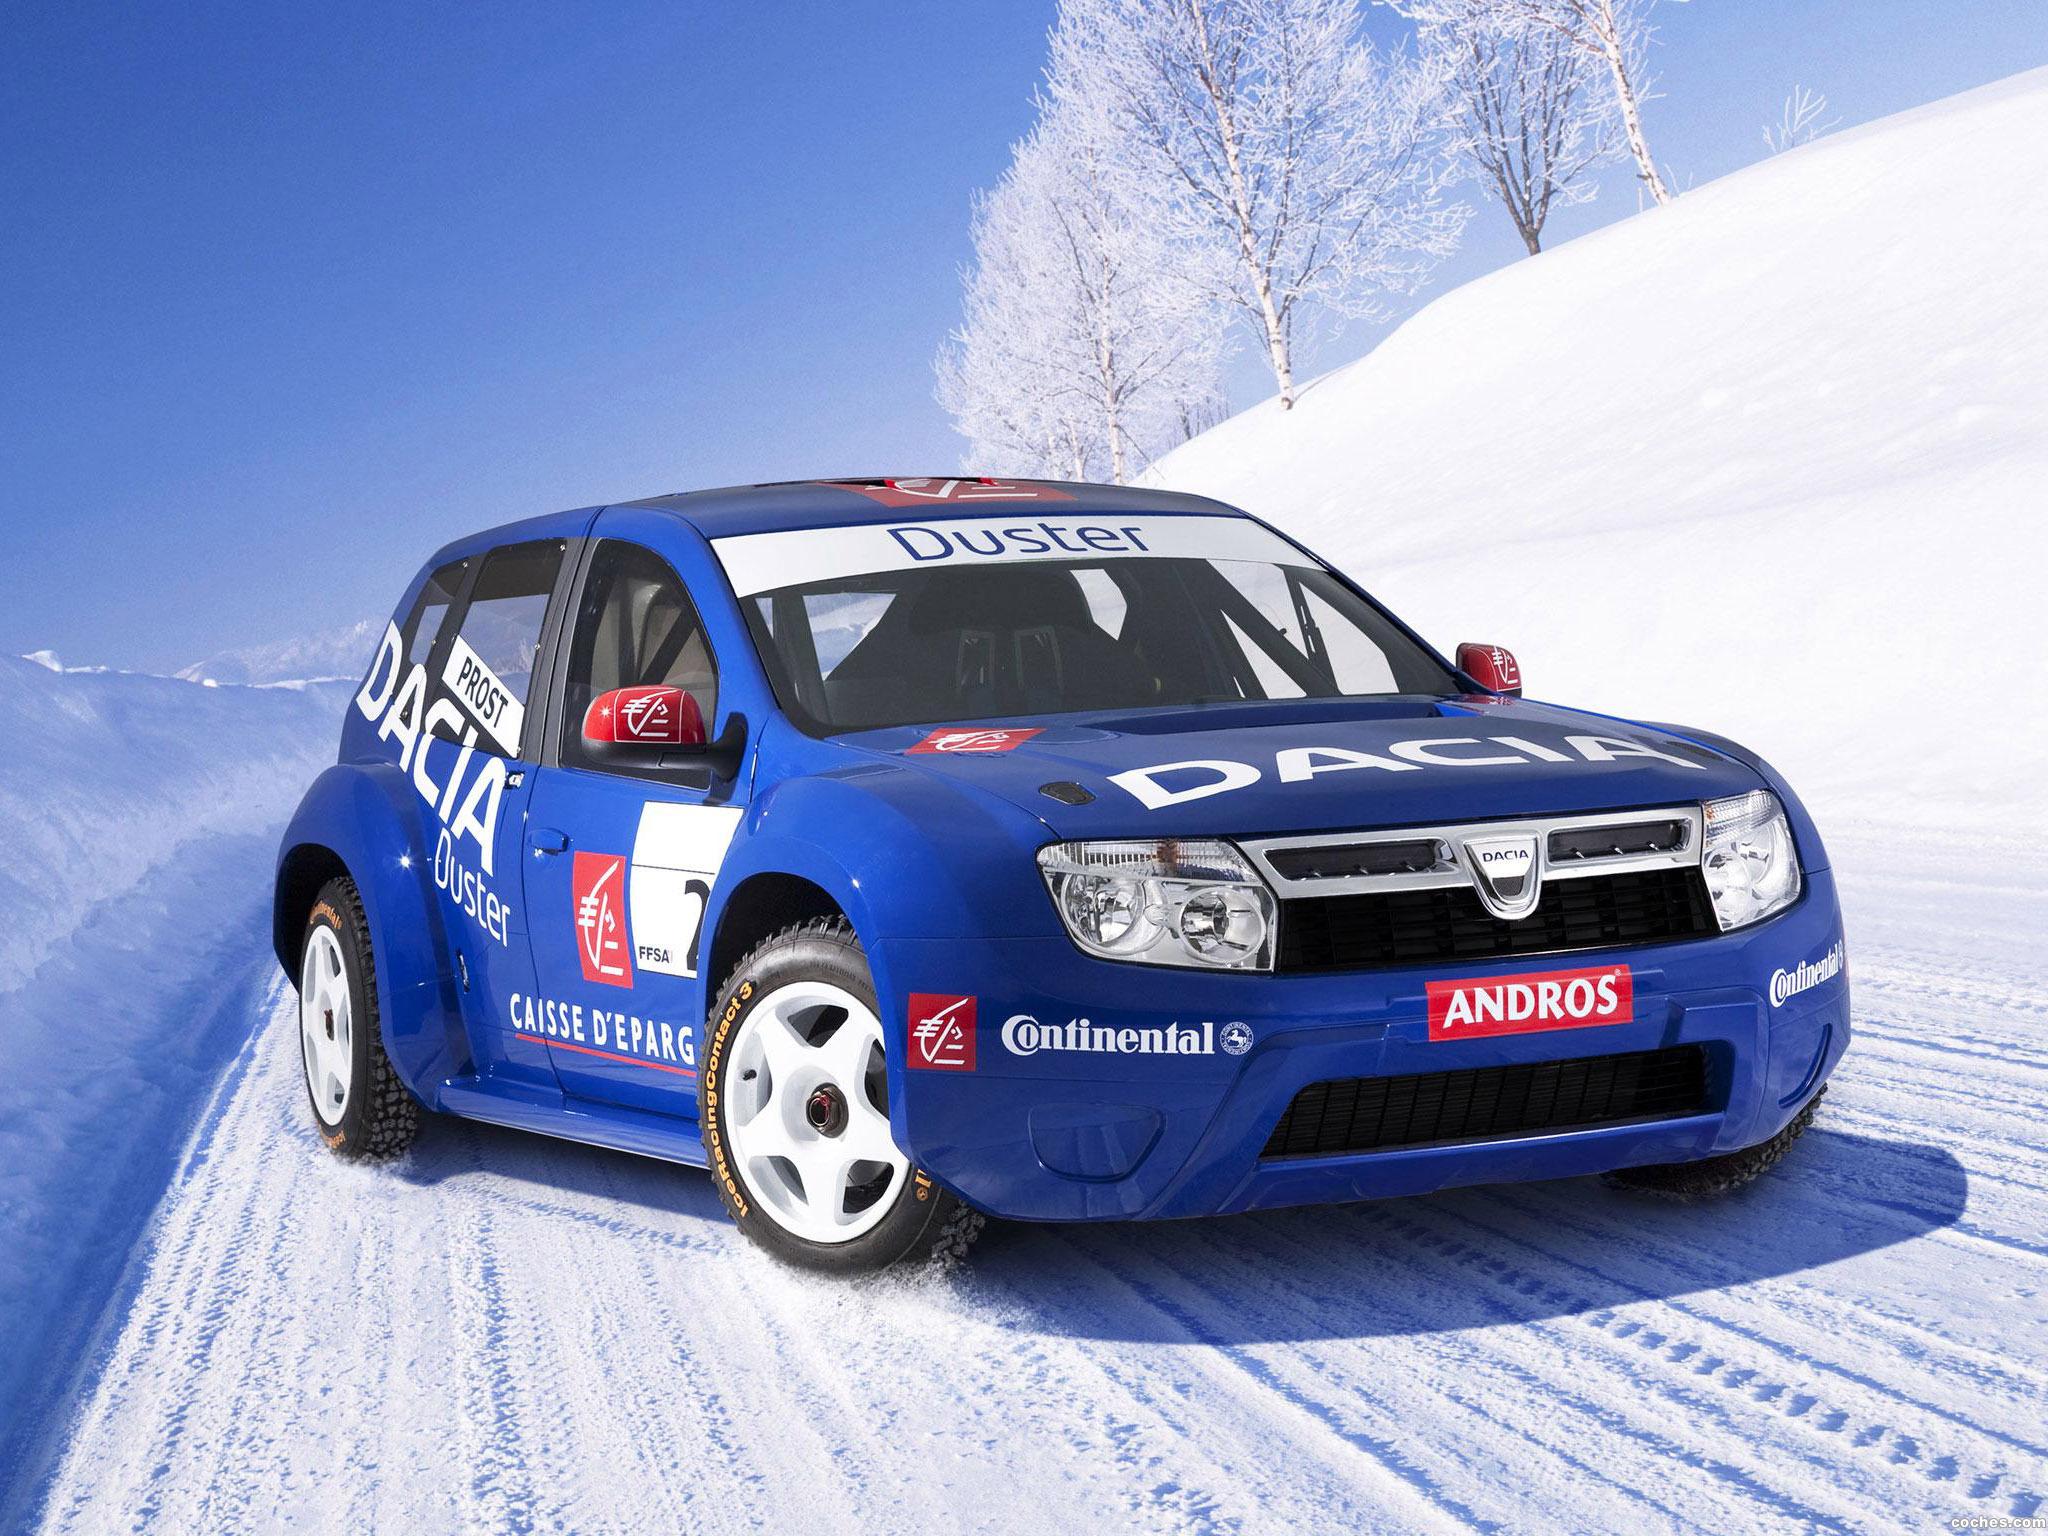 Foto 0 de Dacia Duster Competition Version Trophee Andros 2009